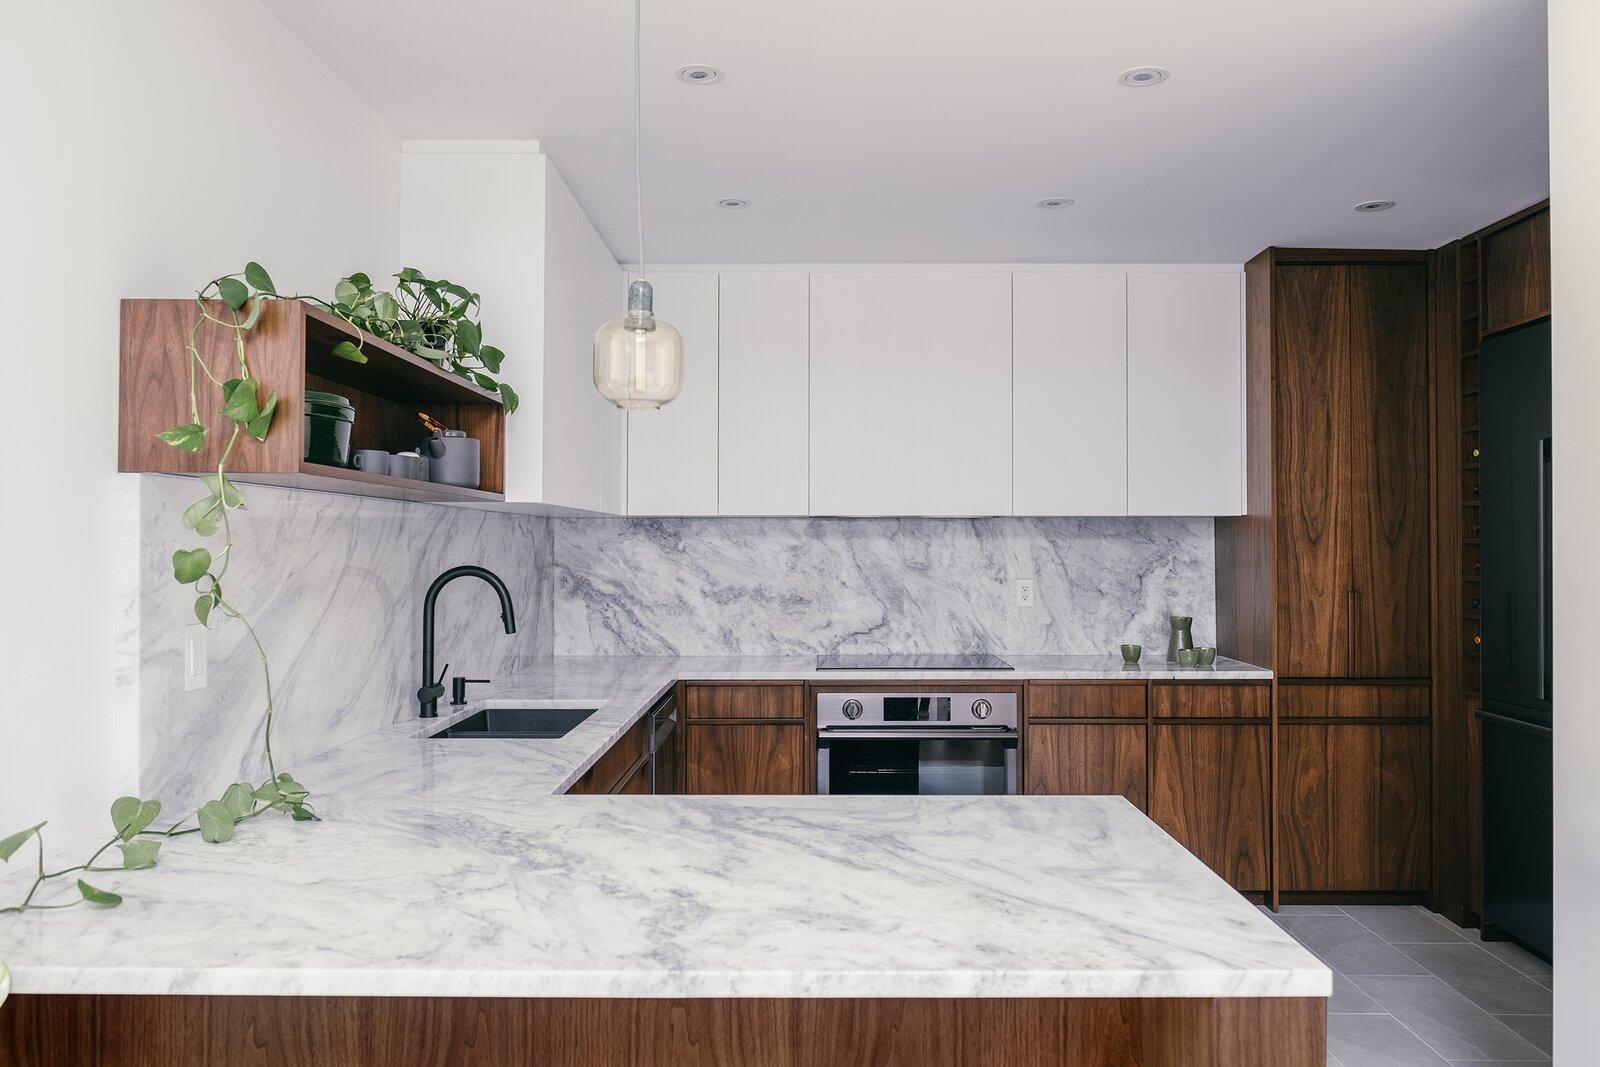 St Lawrence Renovation kitchen Odami